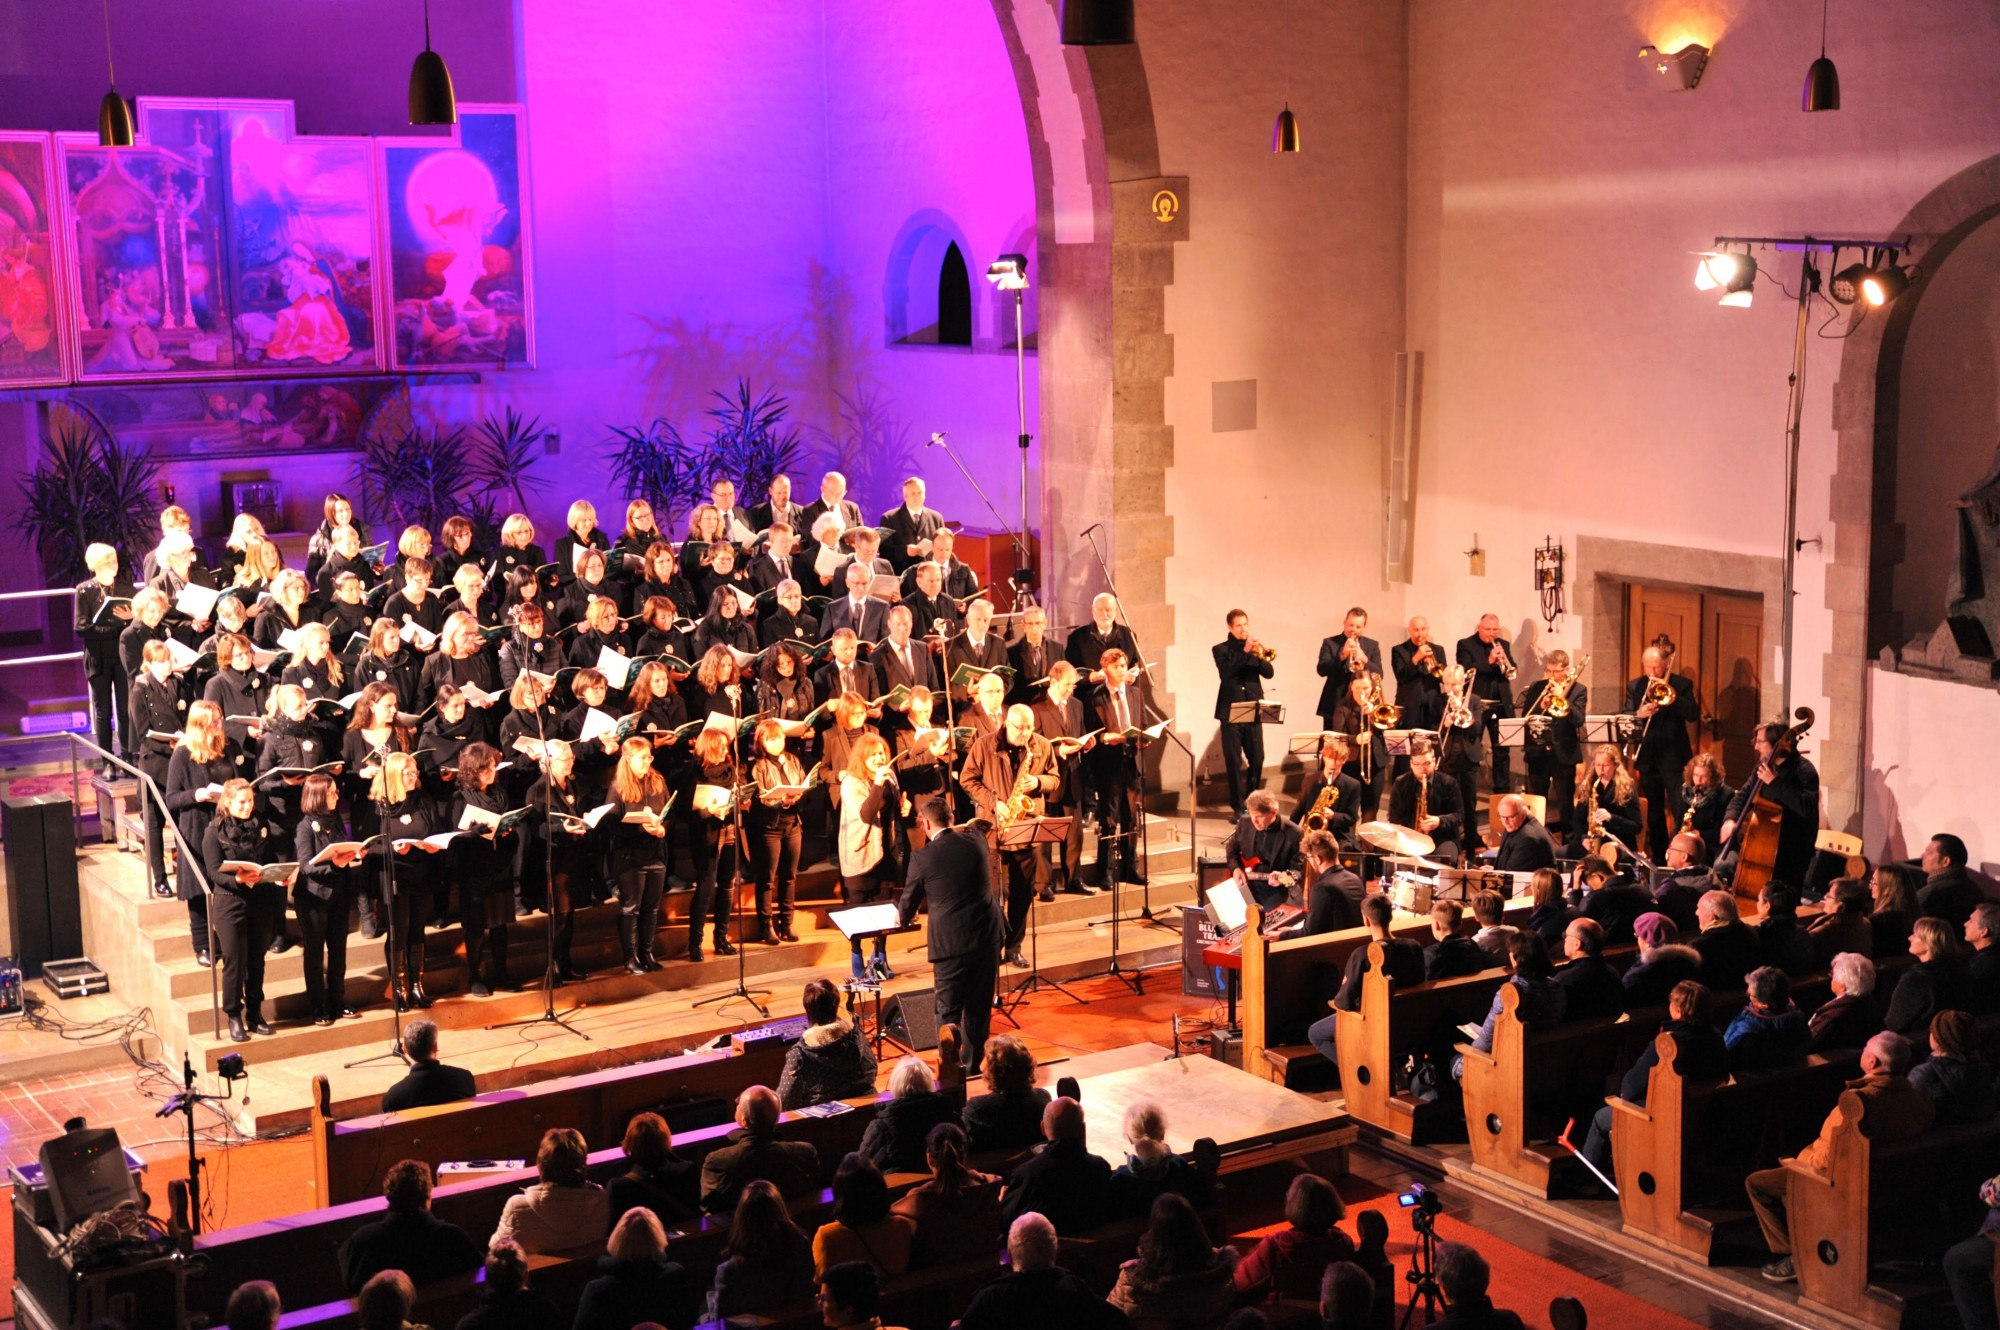 Duke Ellington - Sacred Concert